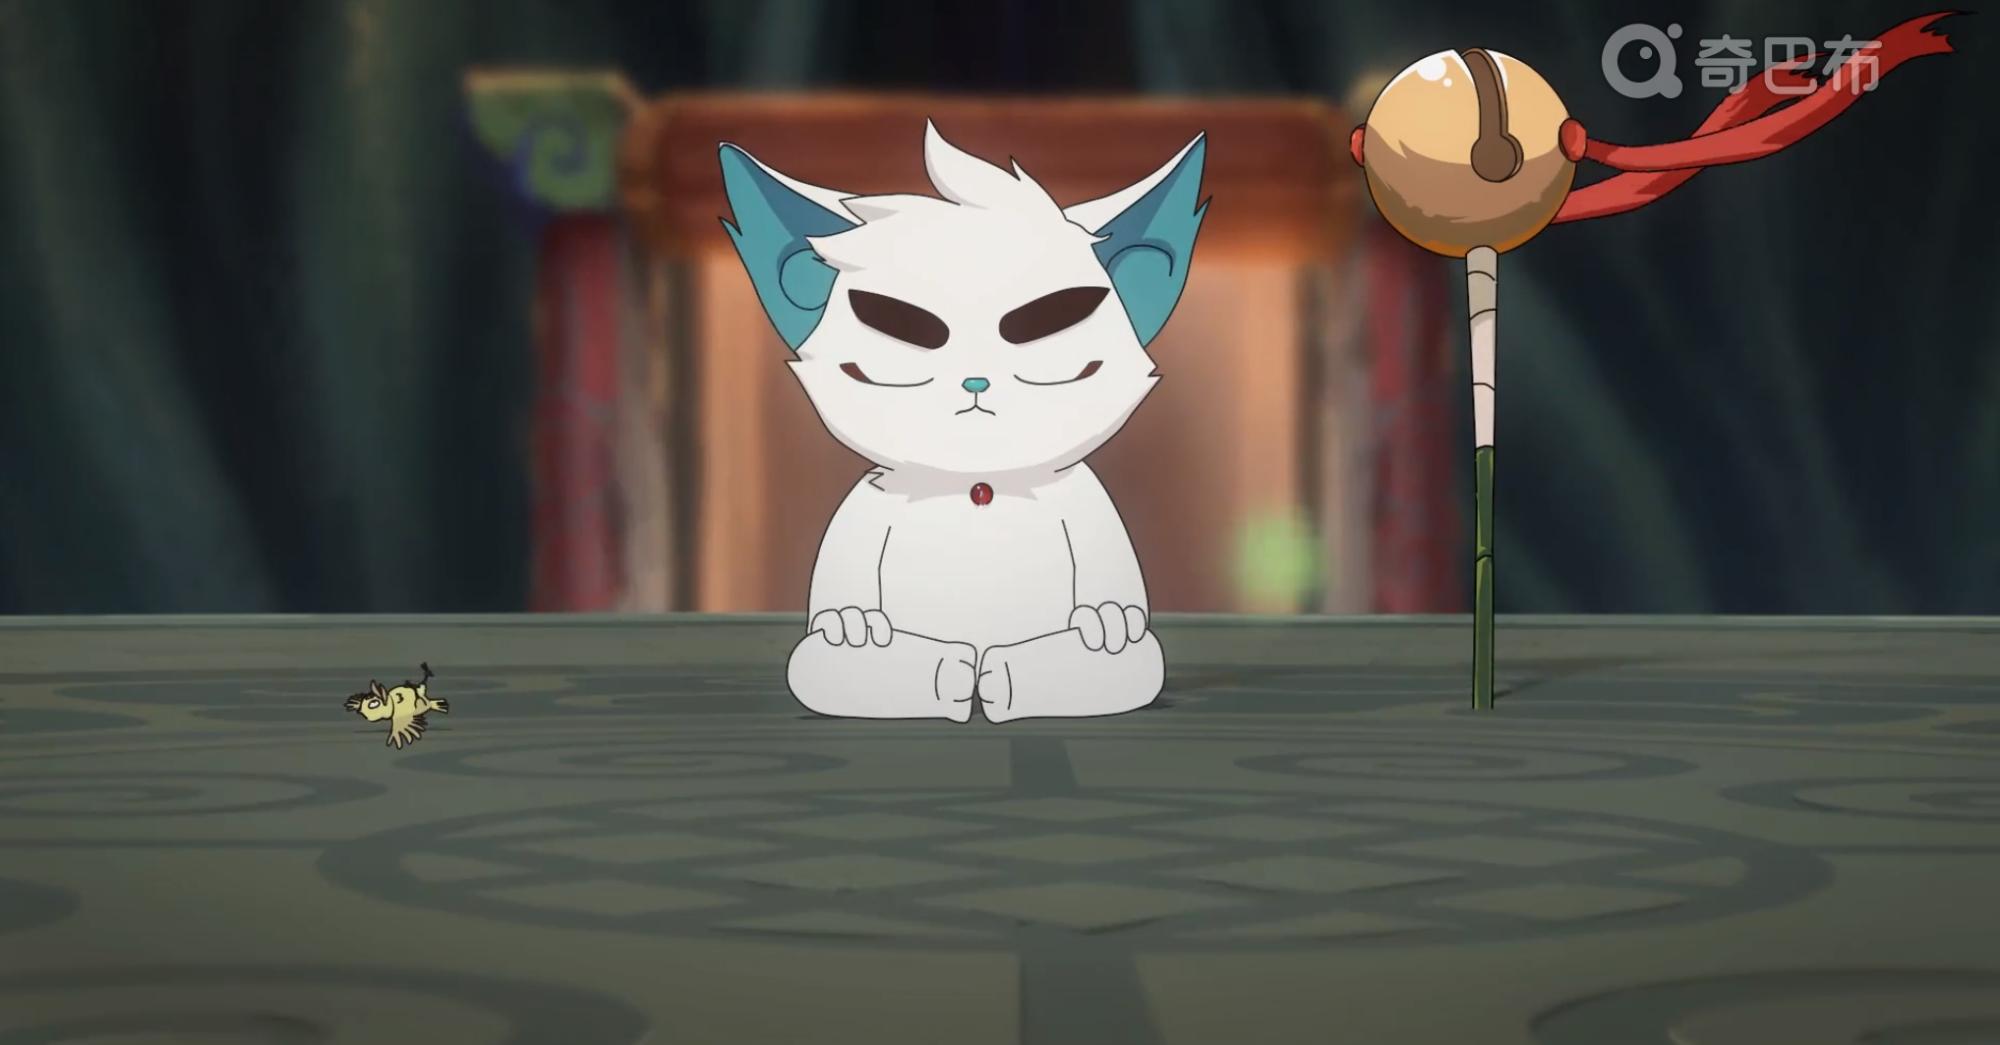 京剧猫白糖黑化拟人图